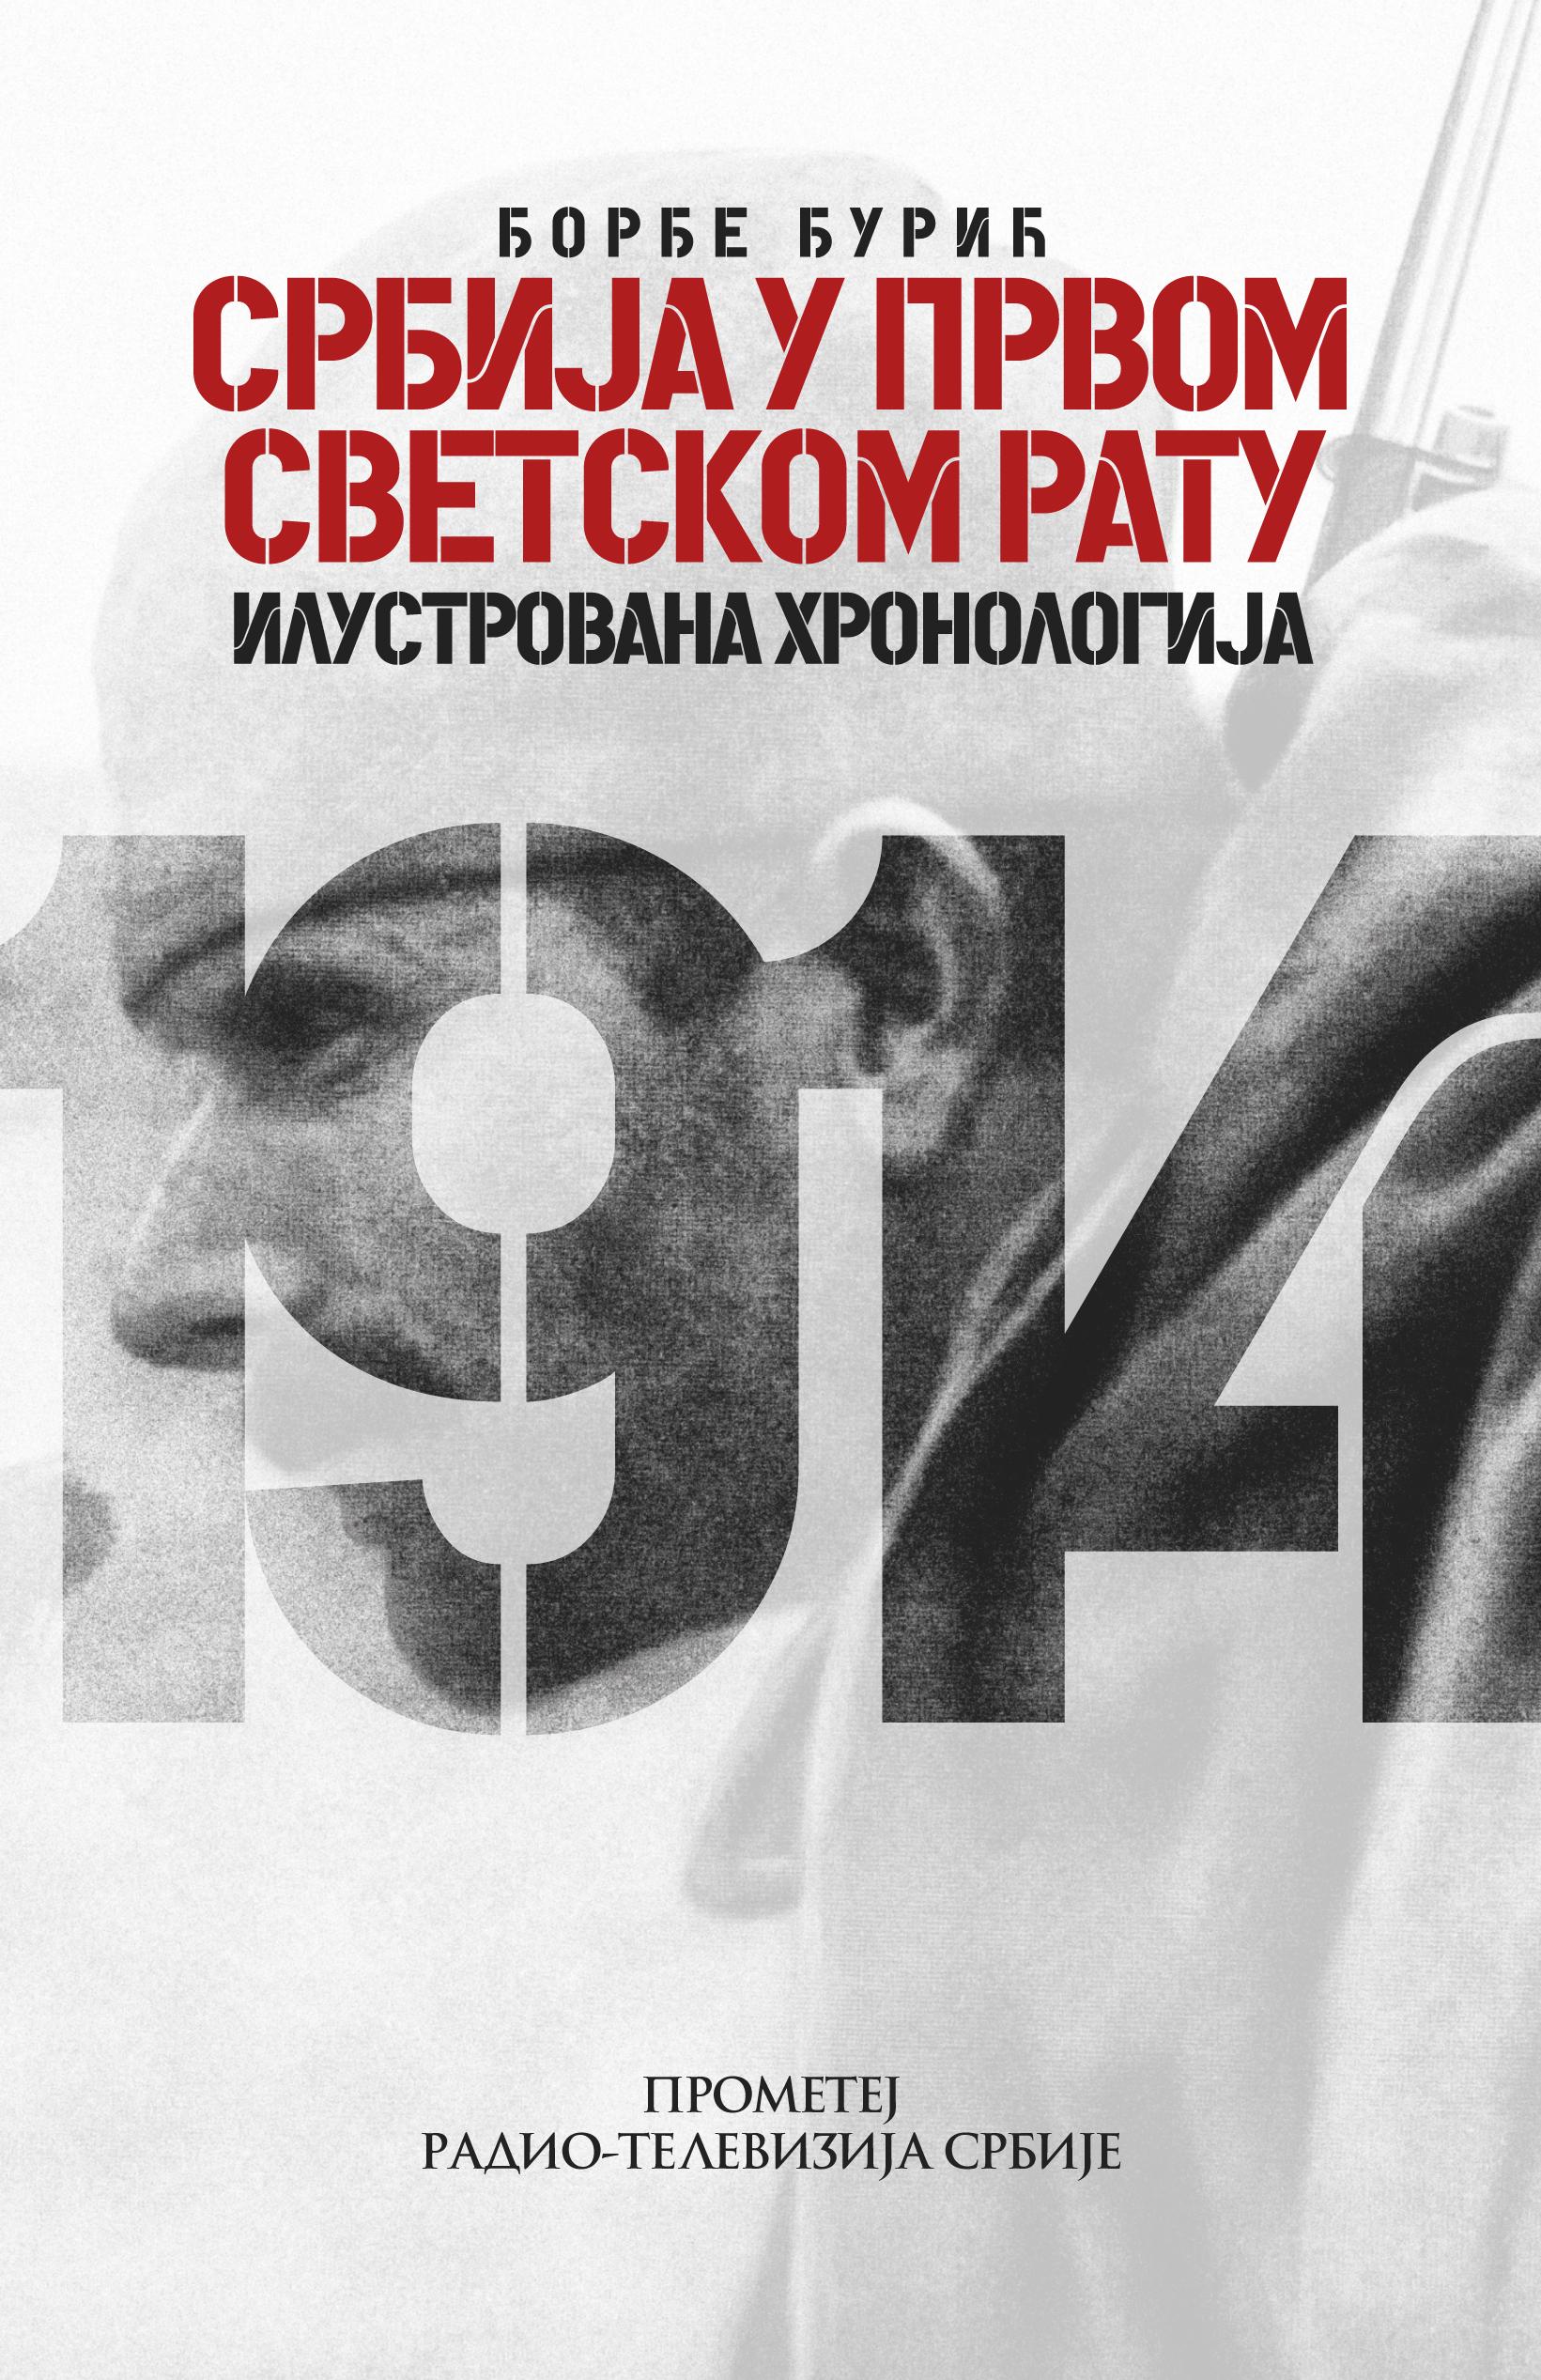 Србија у Првом светском рату – илустрована хронологија